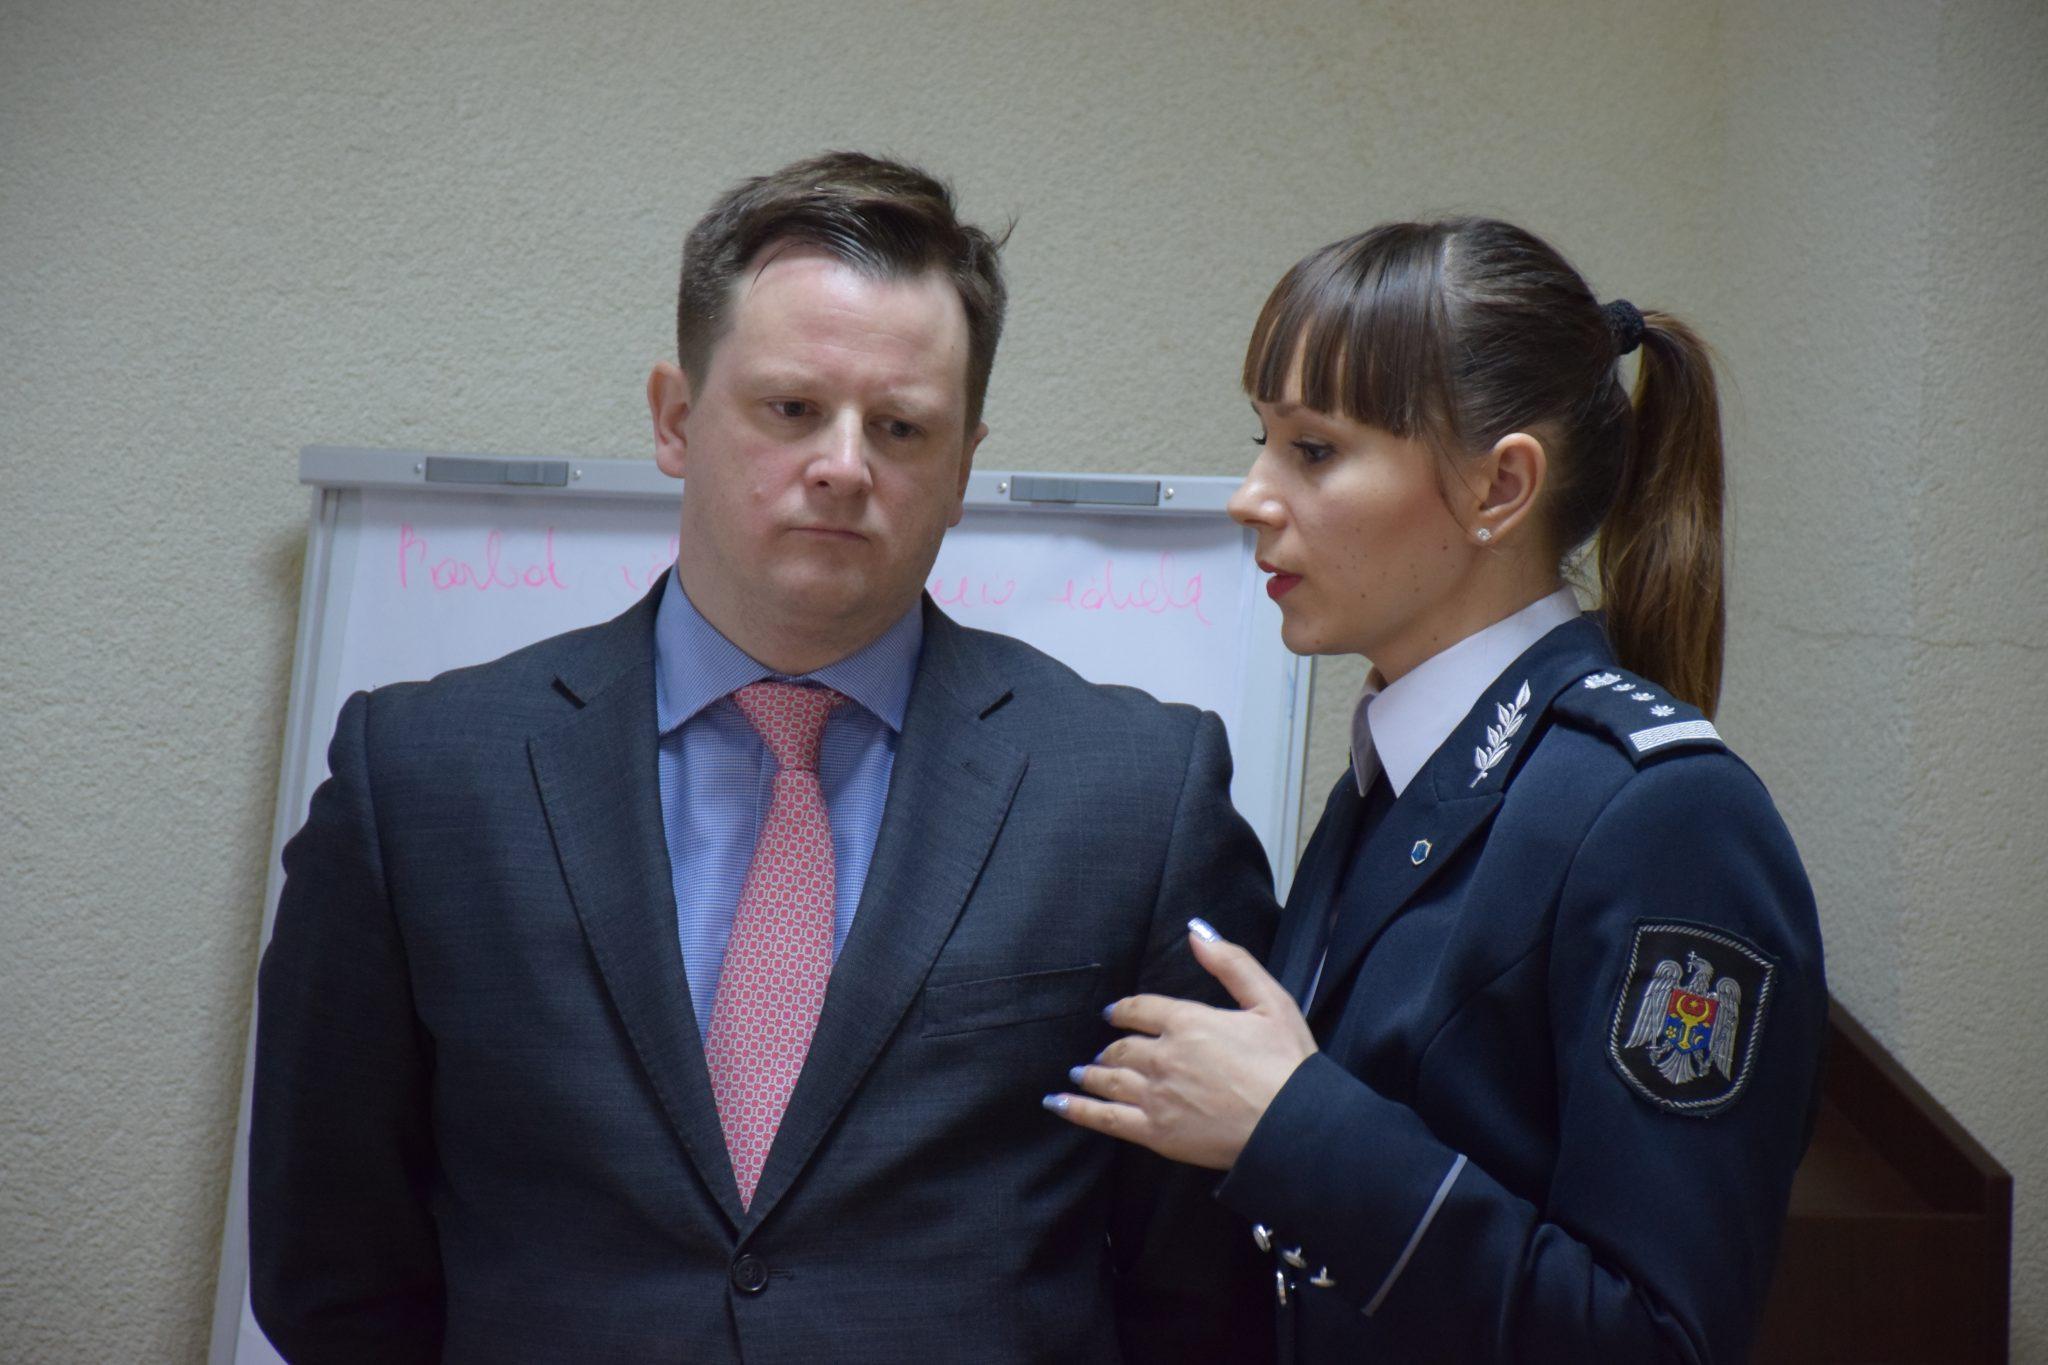 Egalitatea de gen, una din prevederile Acordului de finanțare cu UE pentru reforma Poliției în R. Moldova